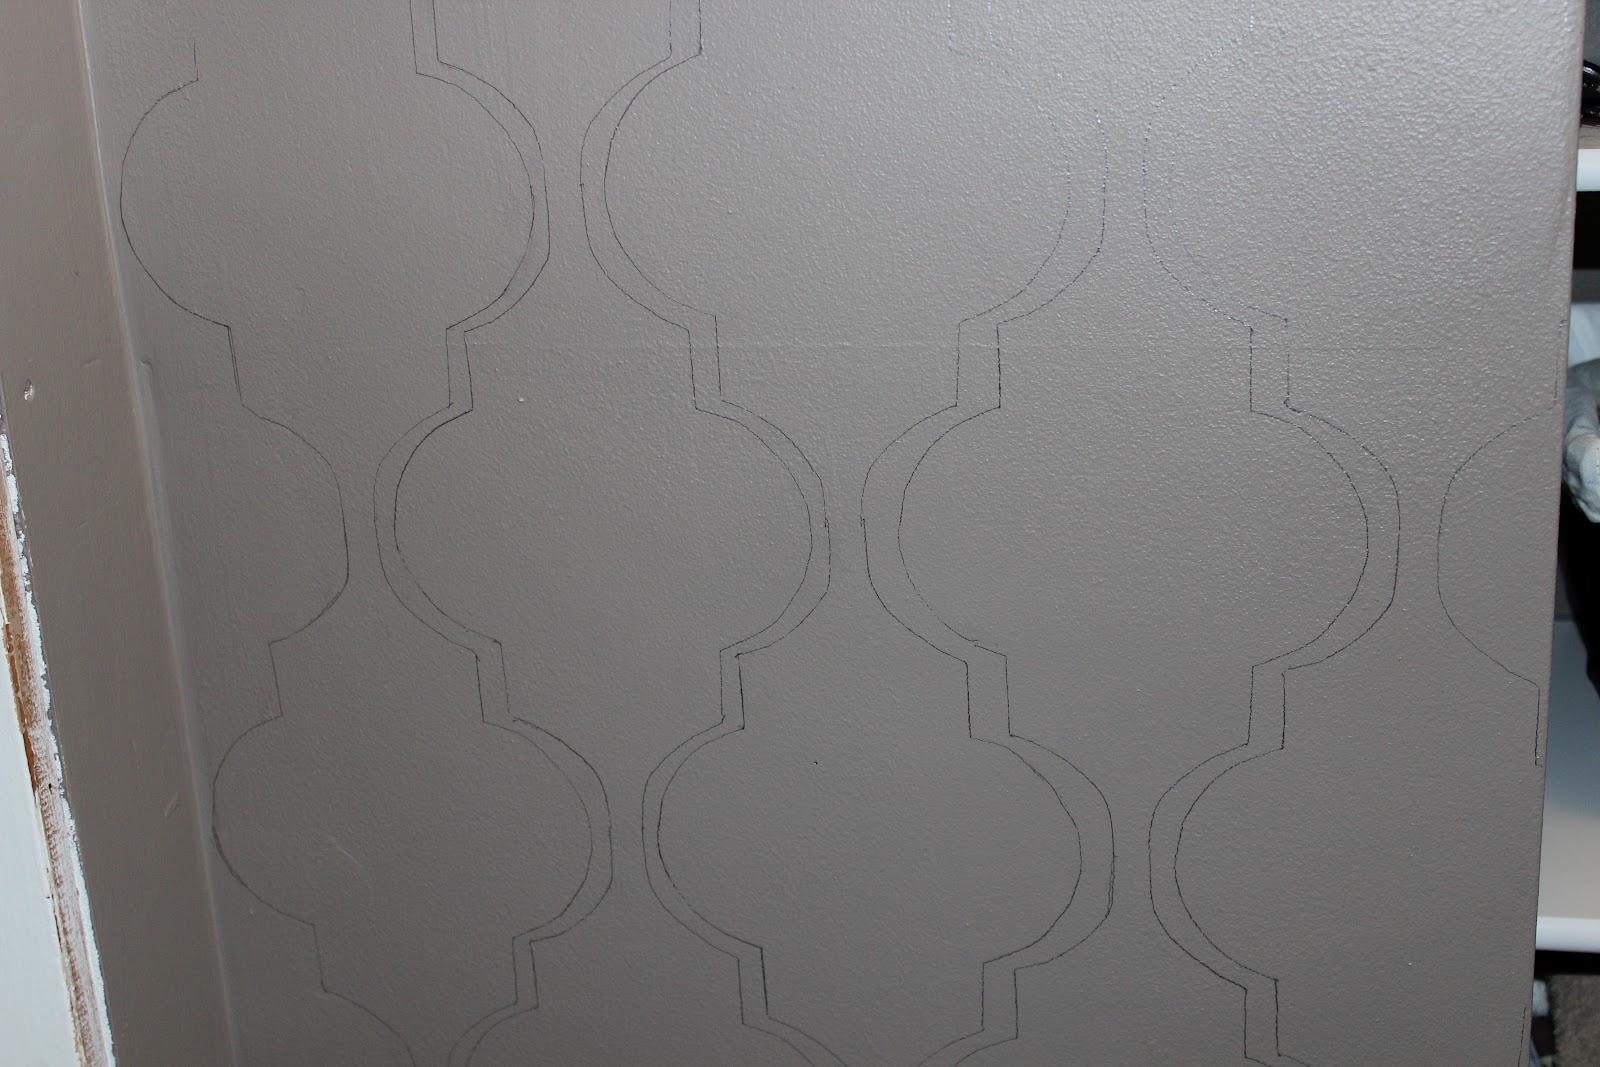 Wallpaper At Benjamin Moore Benjamin Moore Wallpaper Canada 1600x1067 Wallpaper Teahub Io